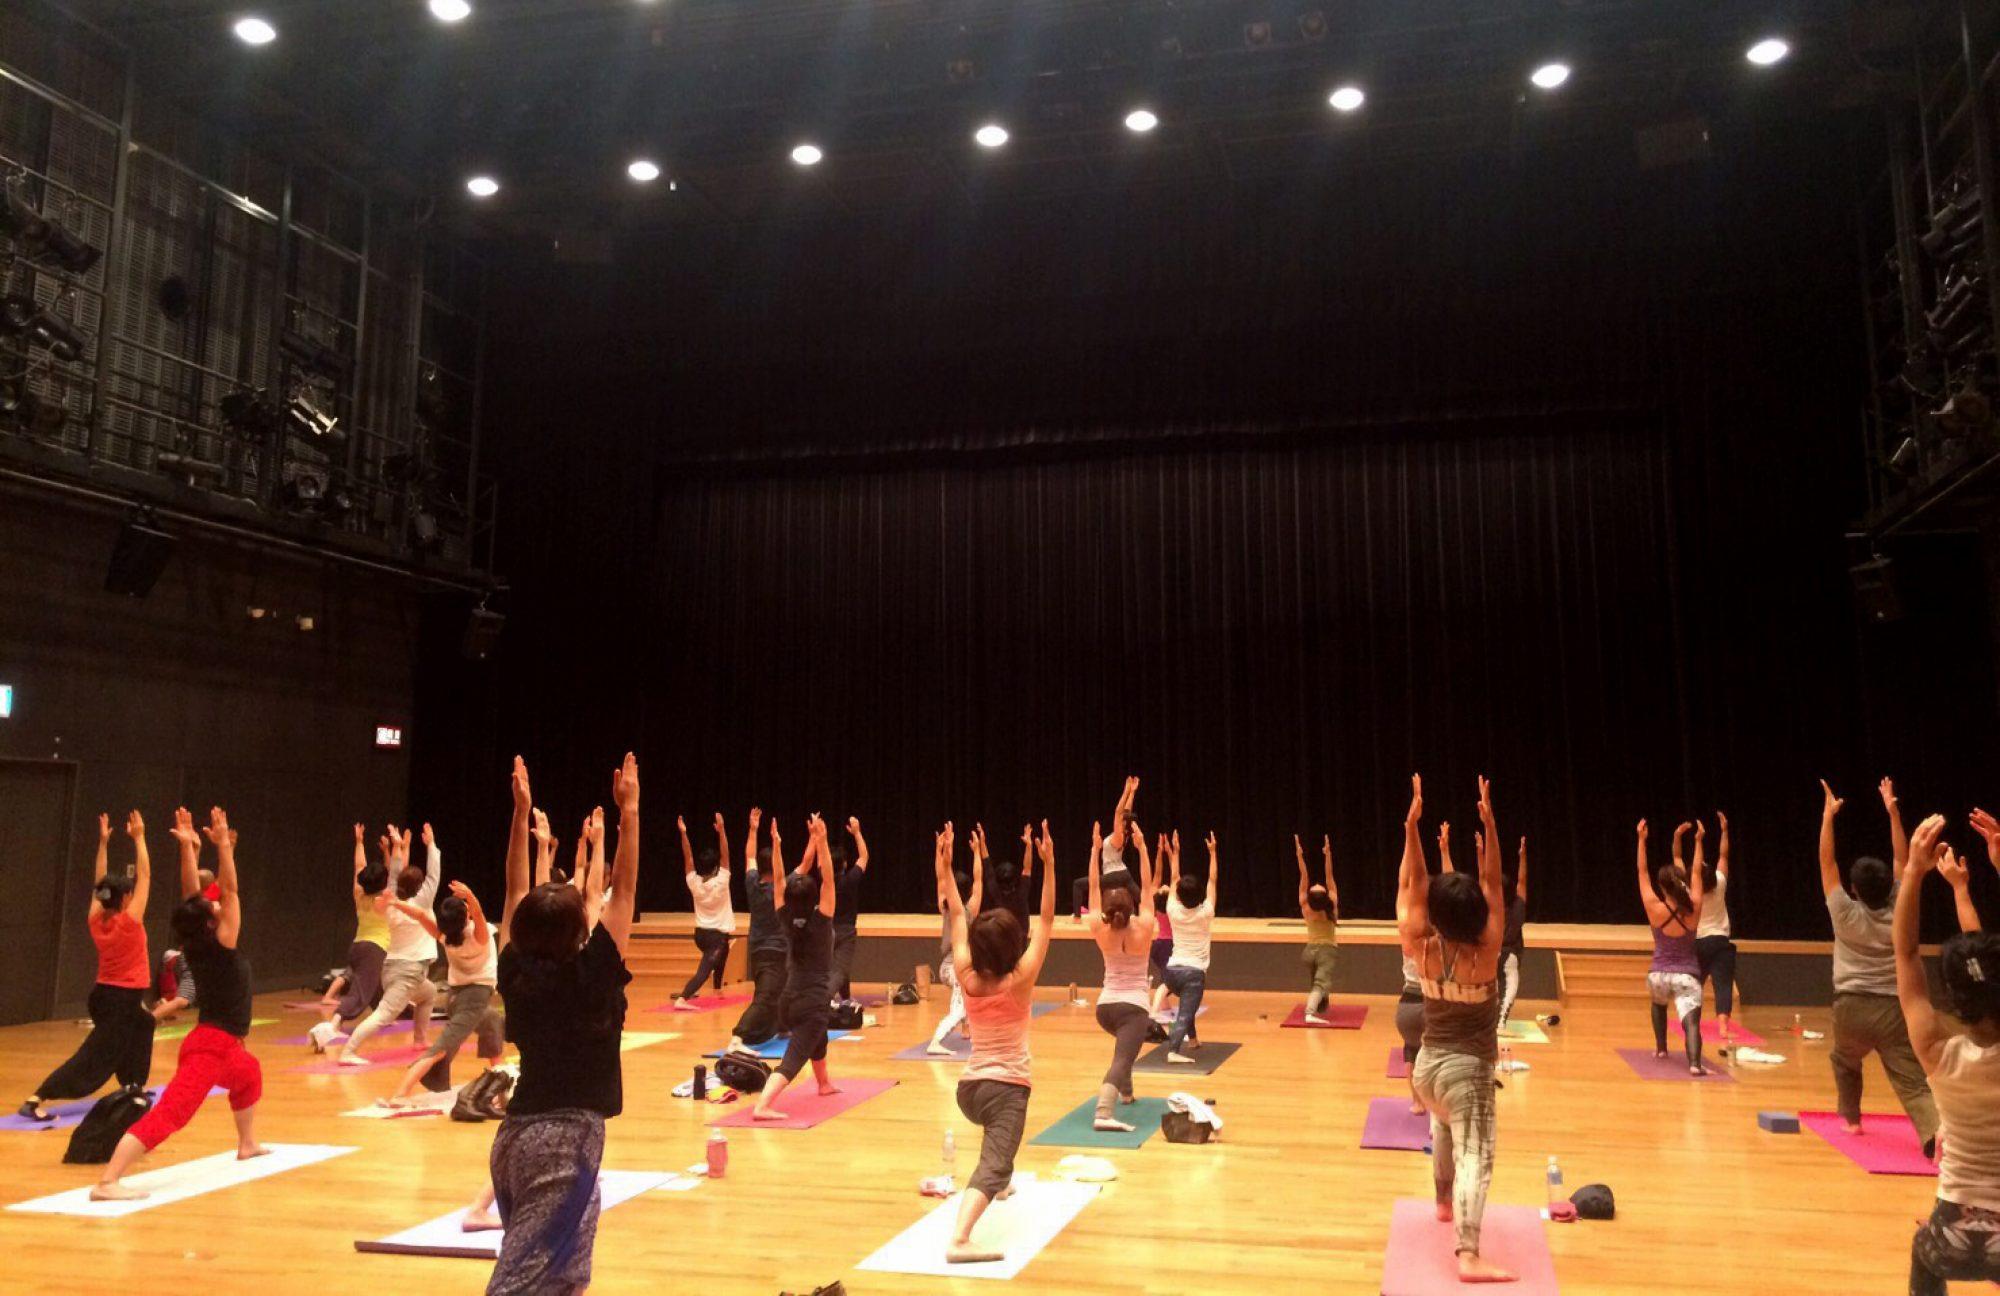 ヨガフェスタ 阪急 2017 秋|Yogafest Hankyu 2017 Fall